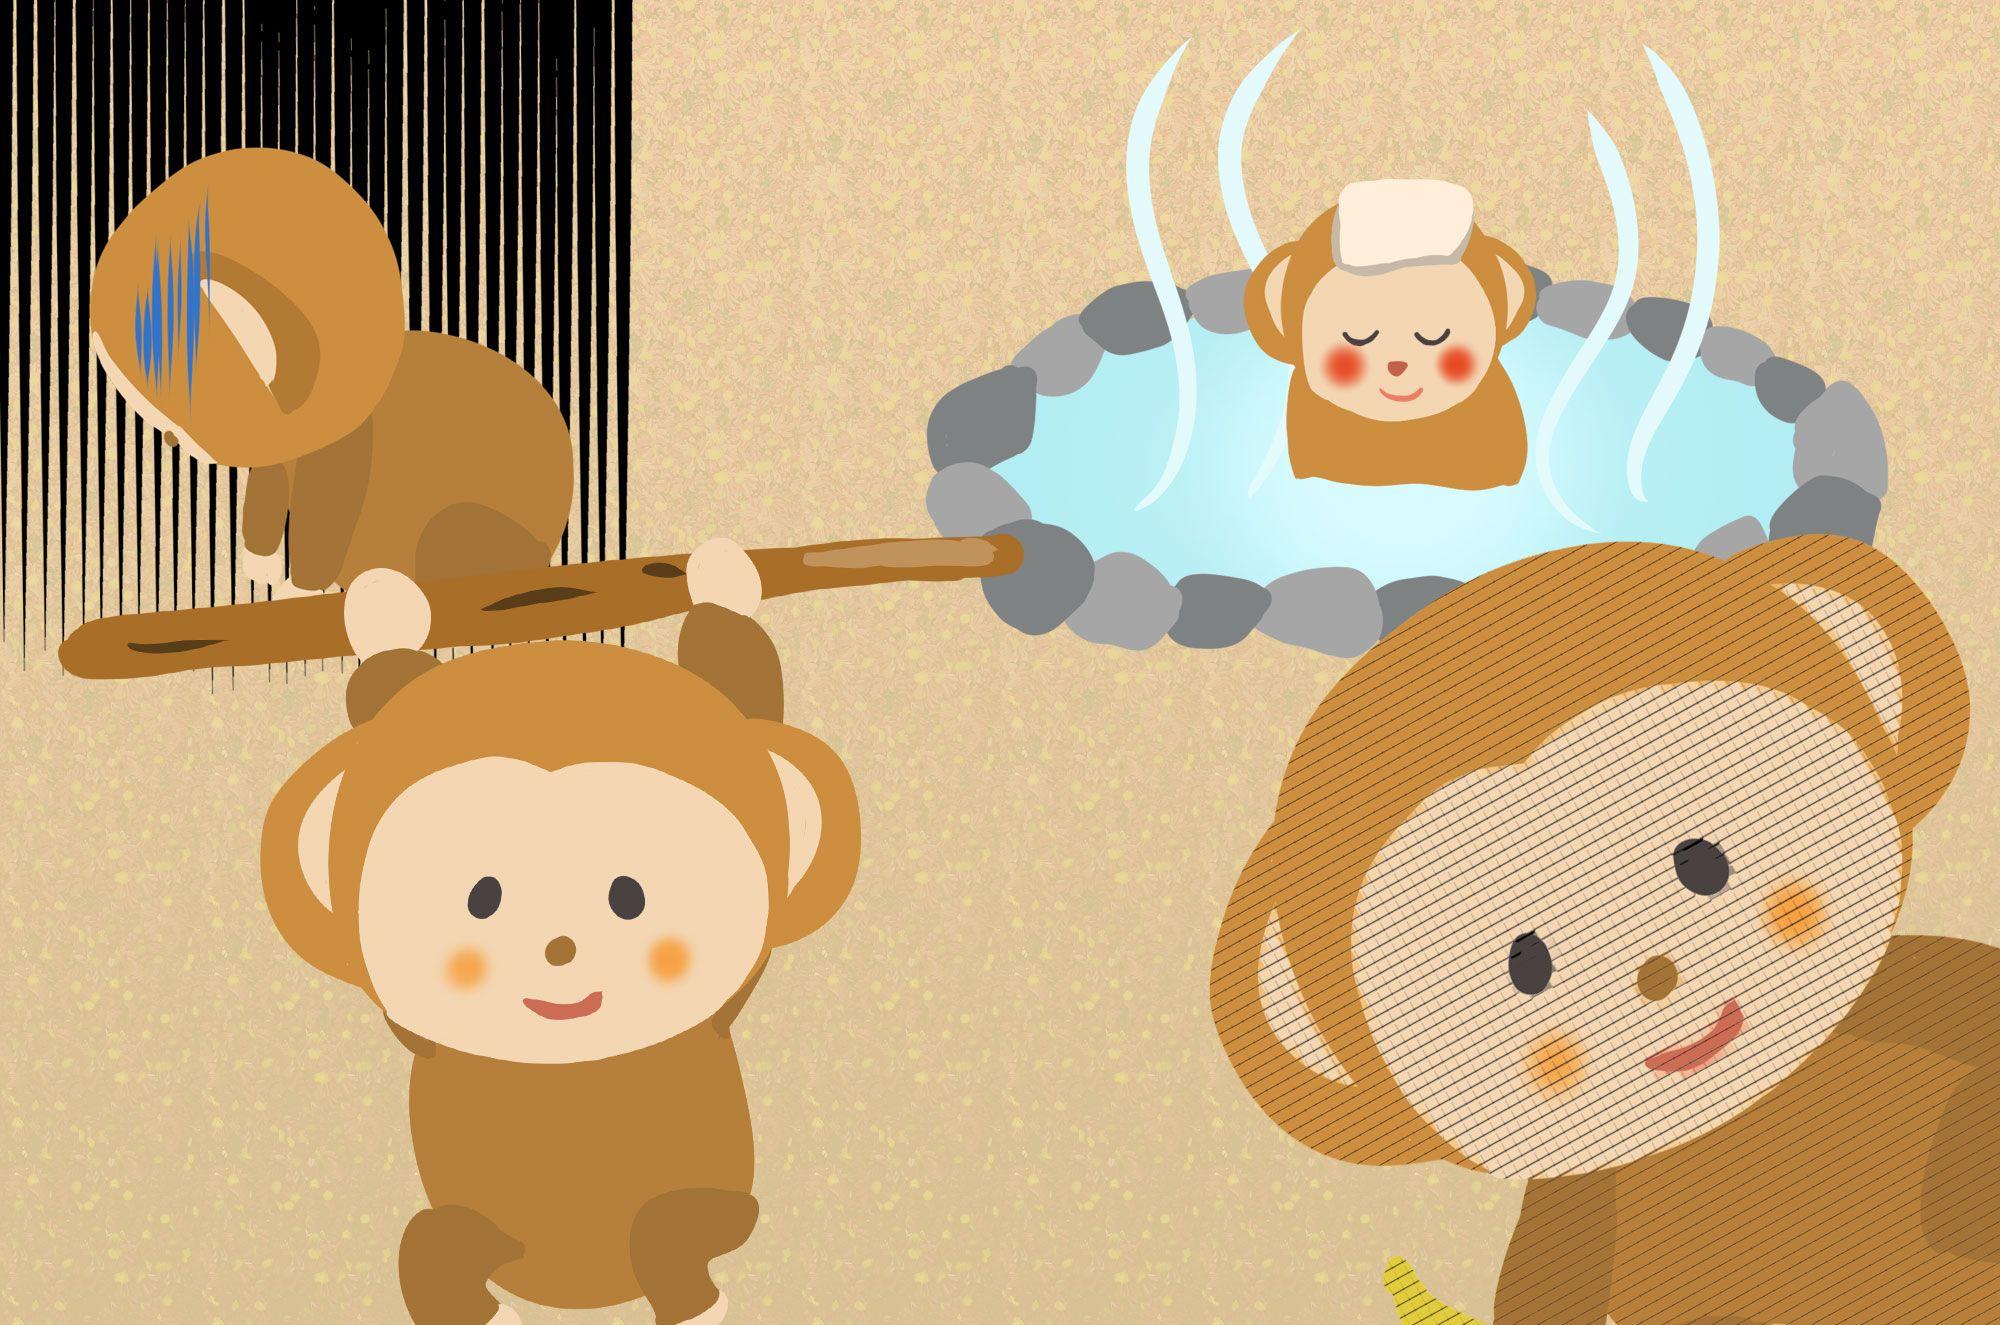 可愛い猿のイラスト素材です温泉に浸かったりがんとショックを